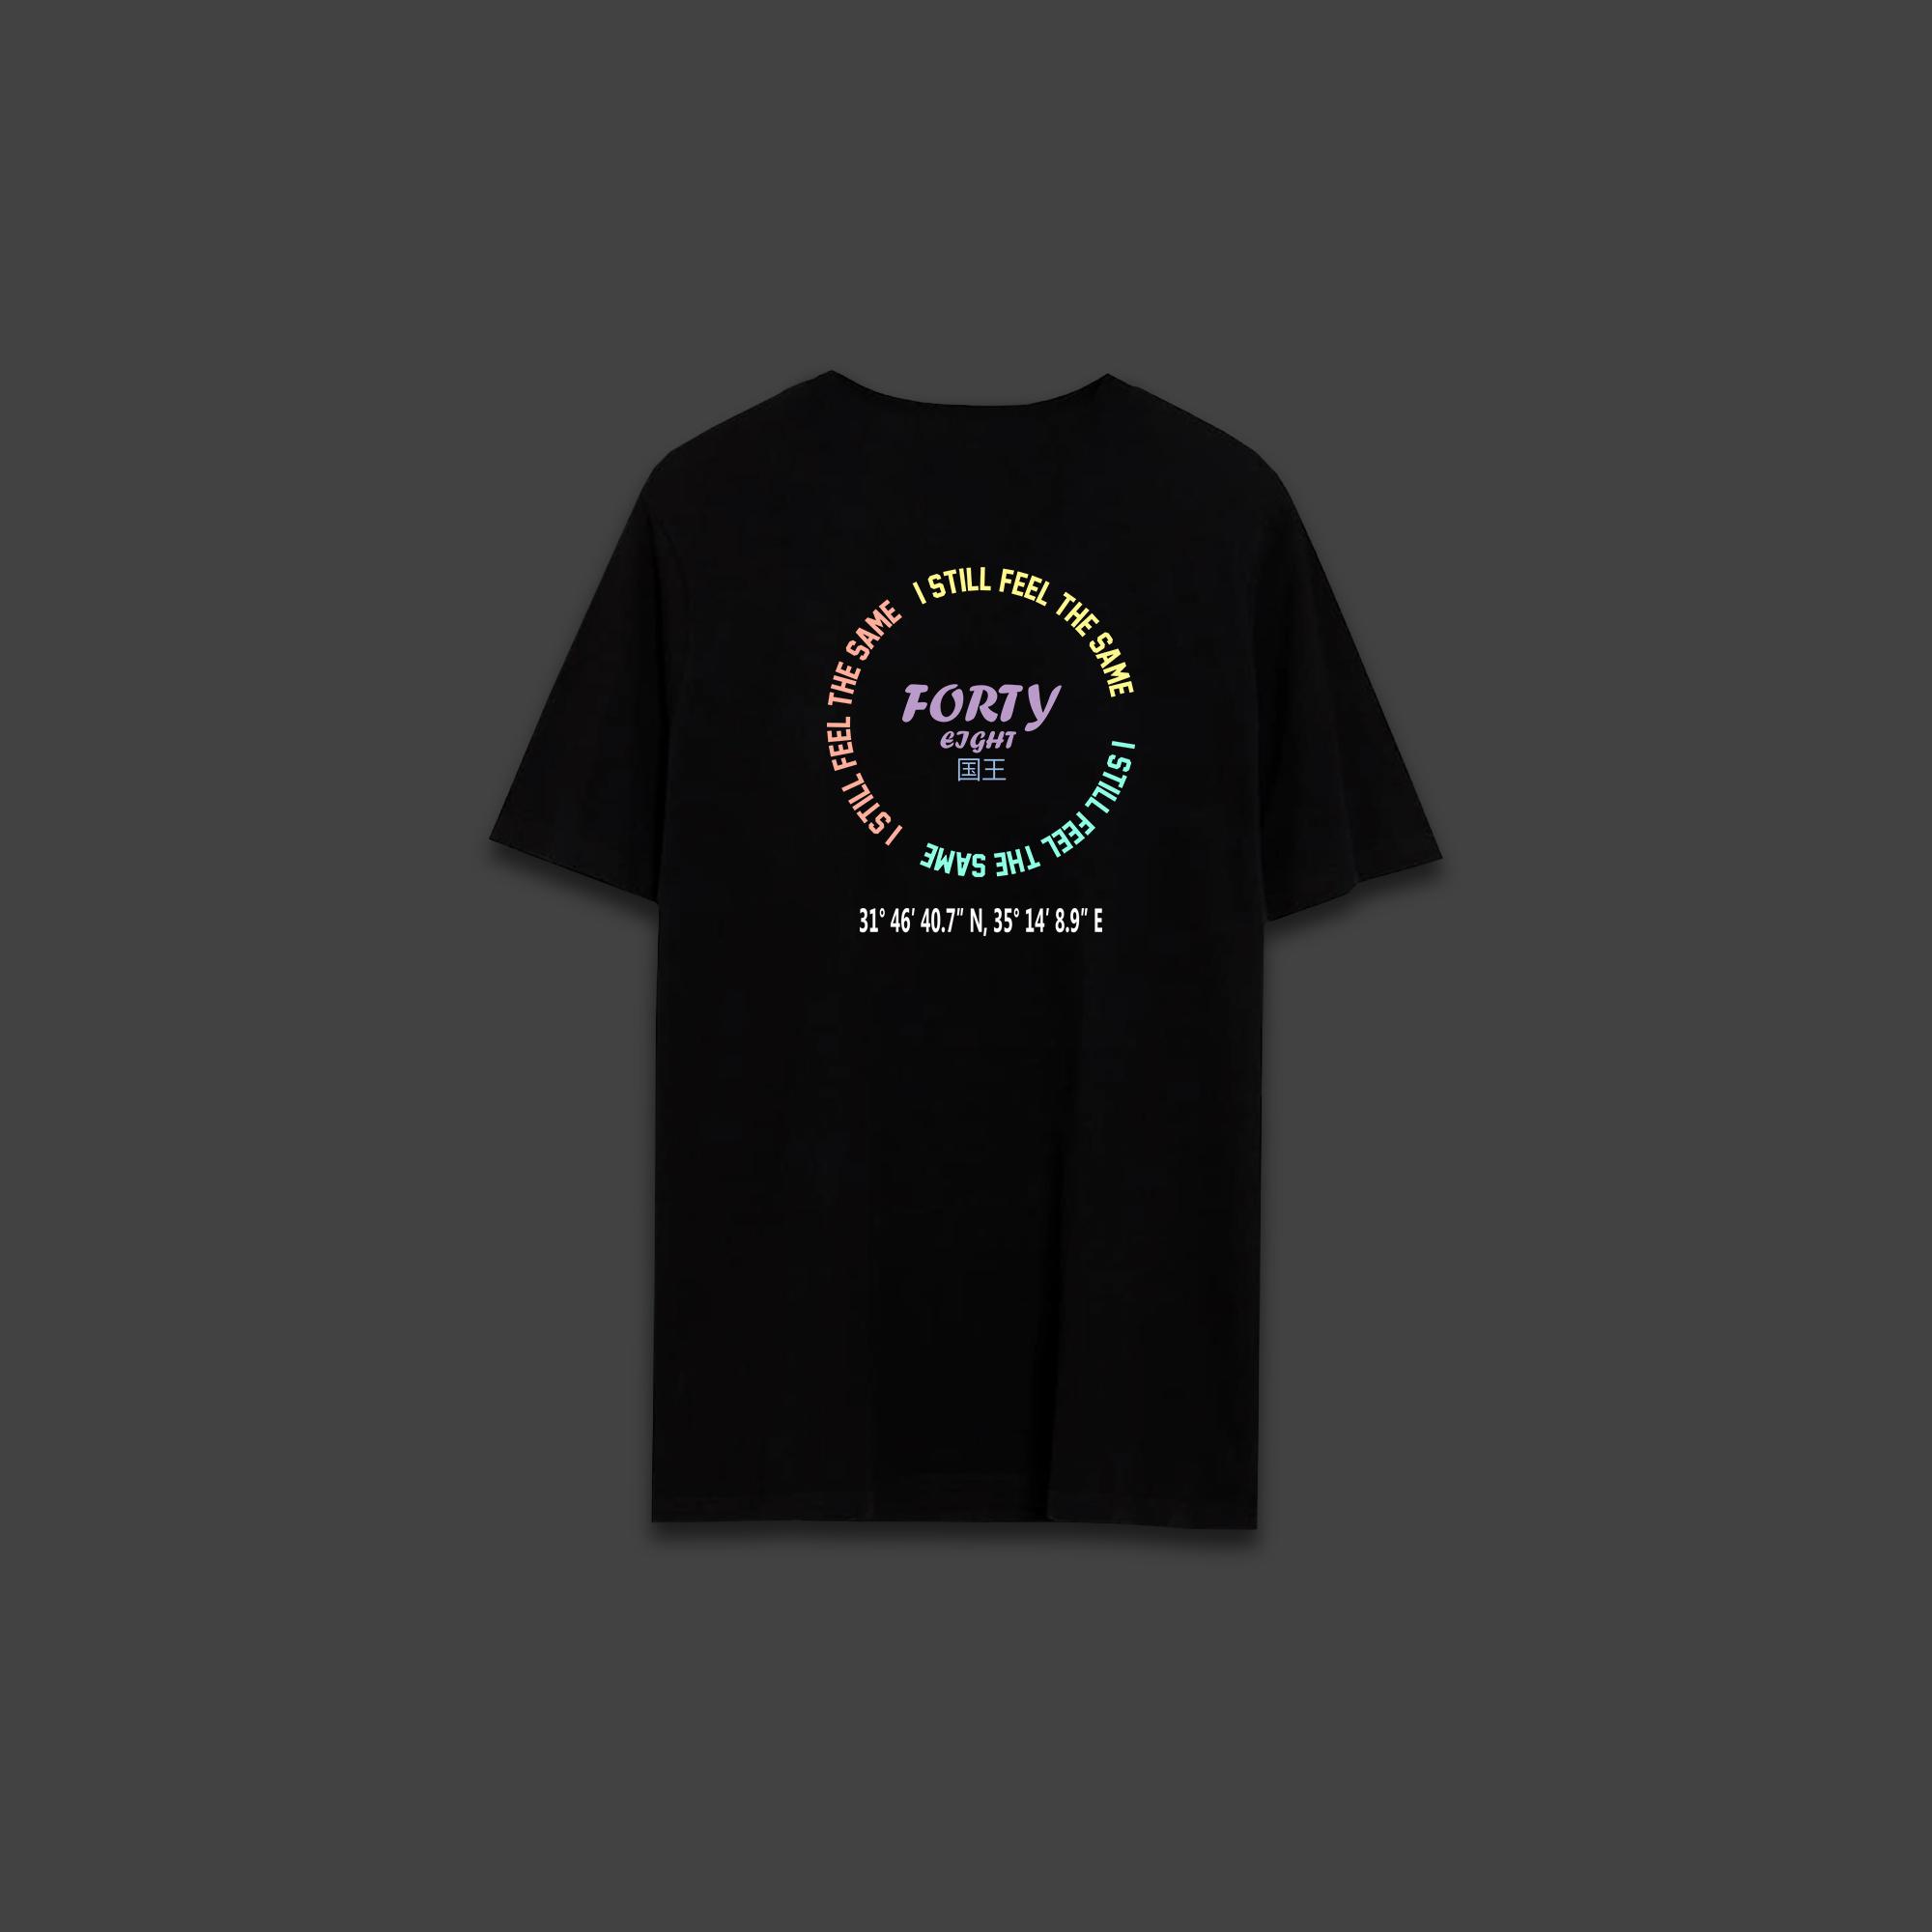 I still feel the same T-shirt - Black